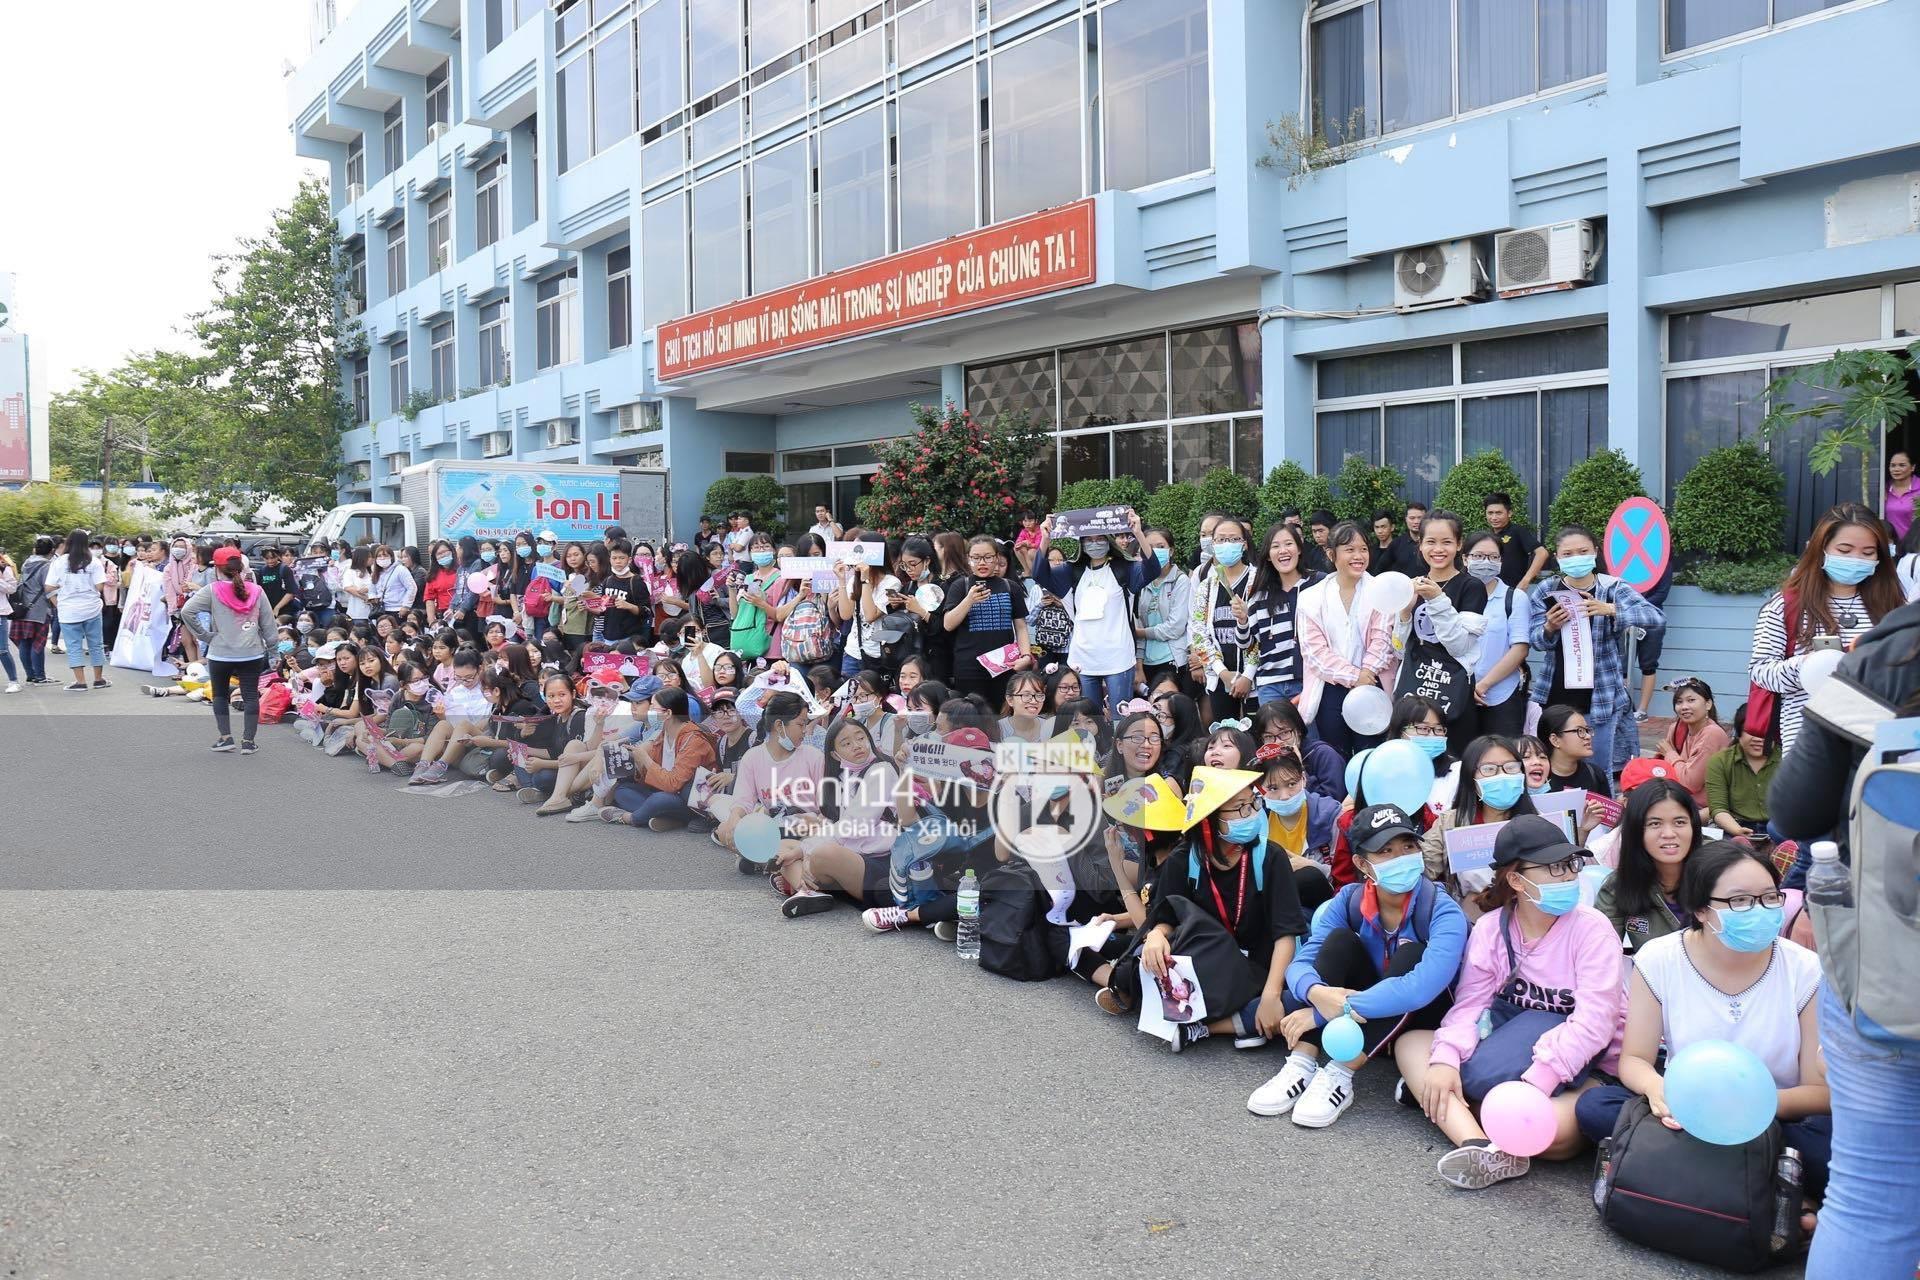 Hoàng tử lai Samuel điển trai, cùng Seventeen ngoái lại chào fan Việt bằng được tại sân bay Tân Sơn Nhất - Ảnh 24.